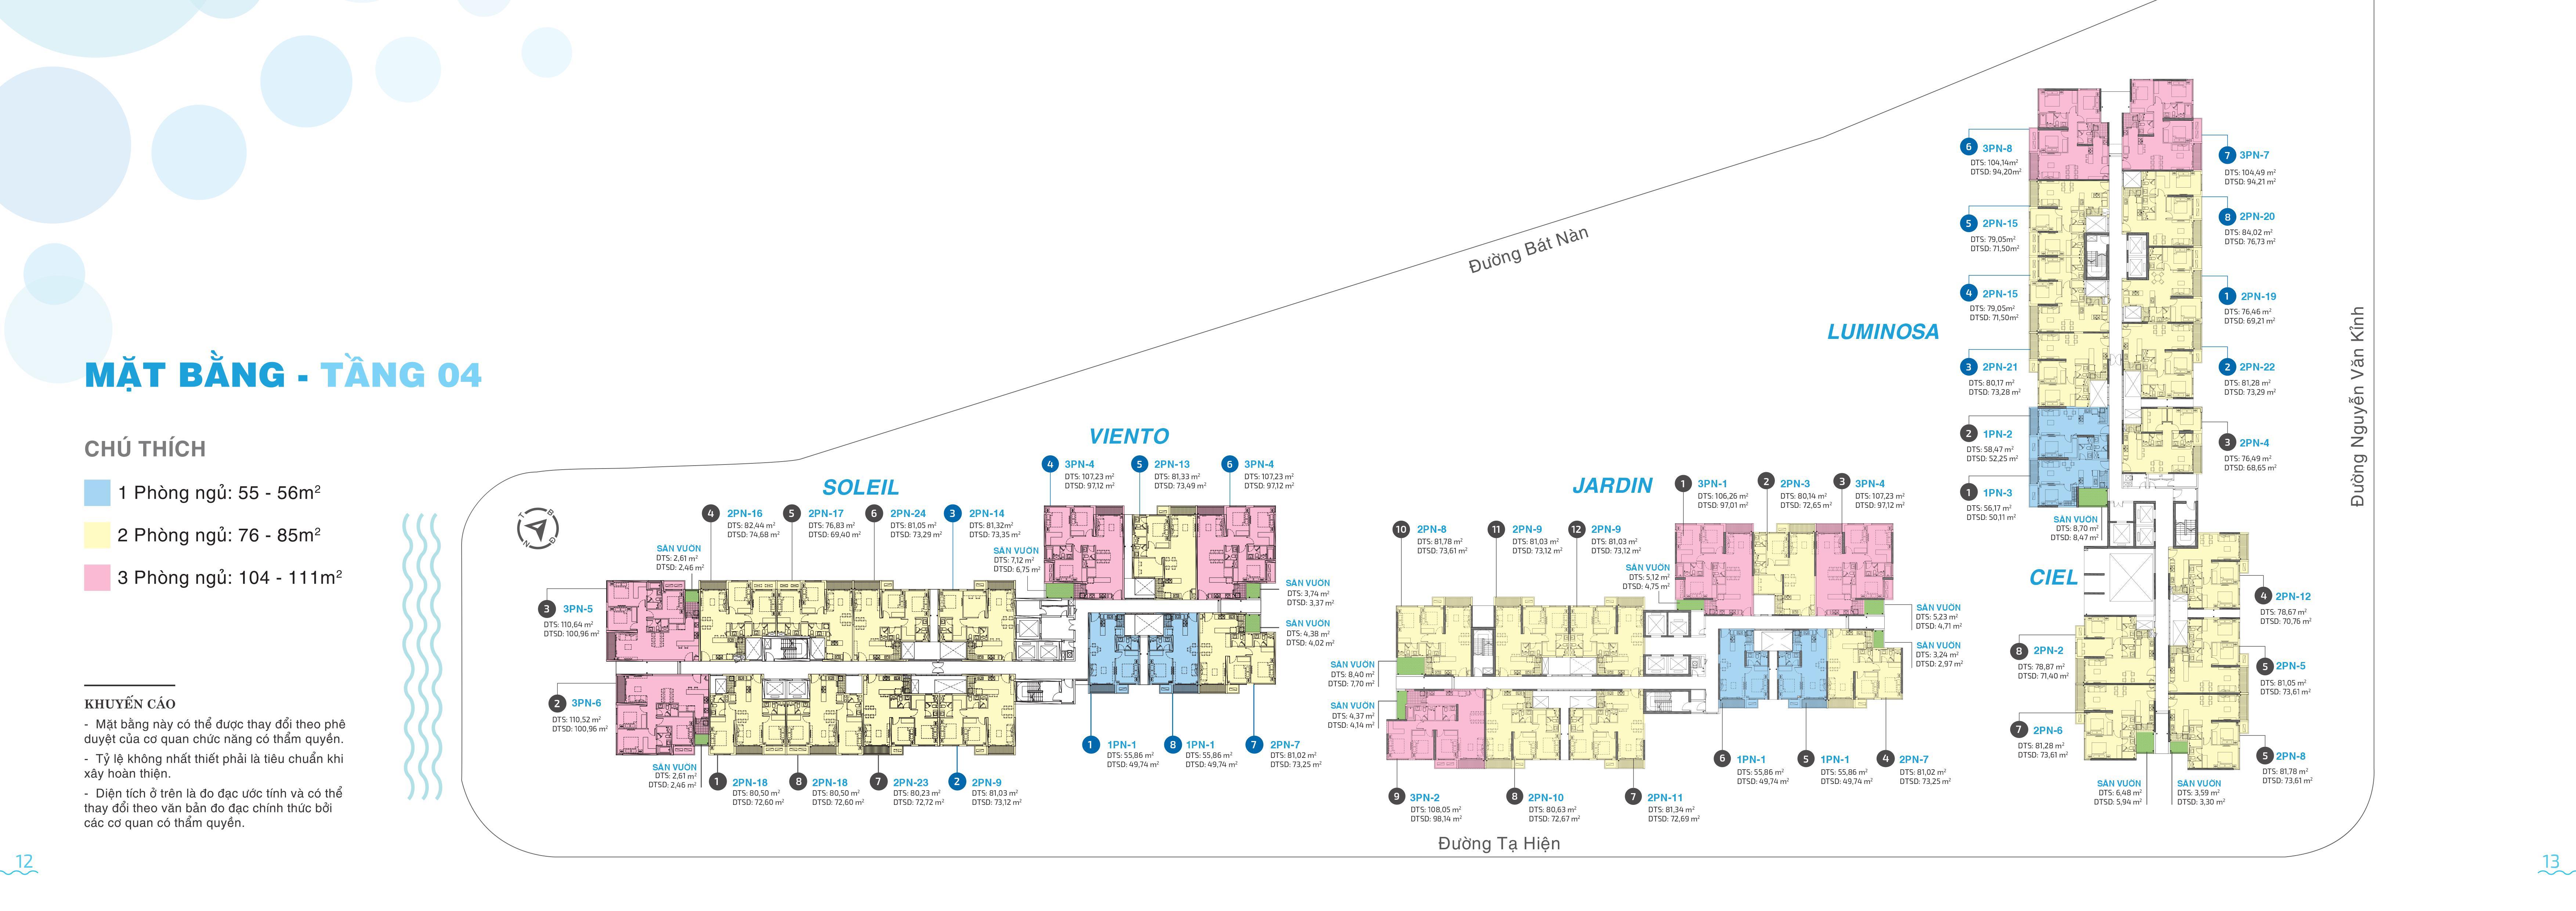 Mặt bằng dự án căn hộ chung cư One Verandah Quận 2 Đường Bát Nàn chủ đầu tư Mapletree